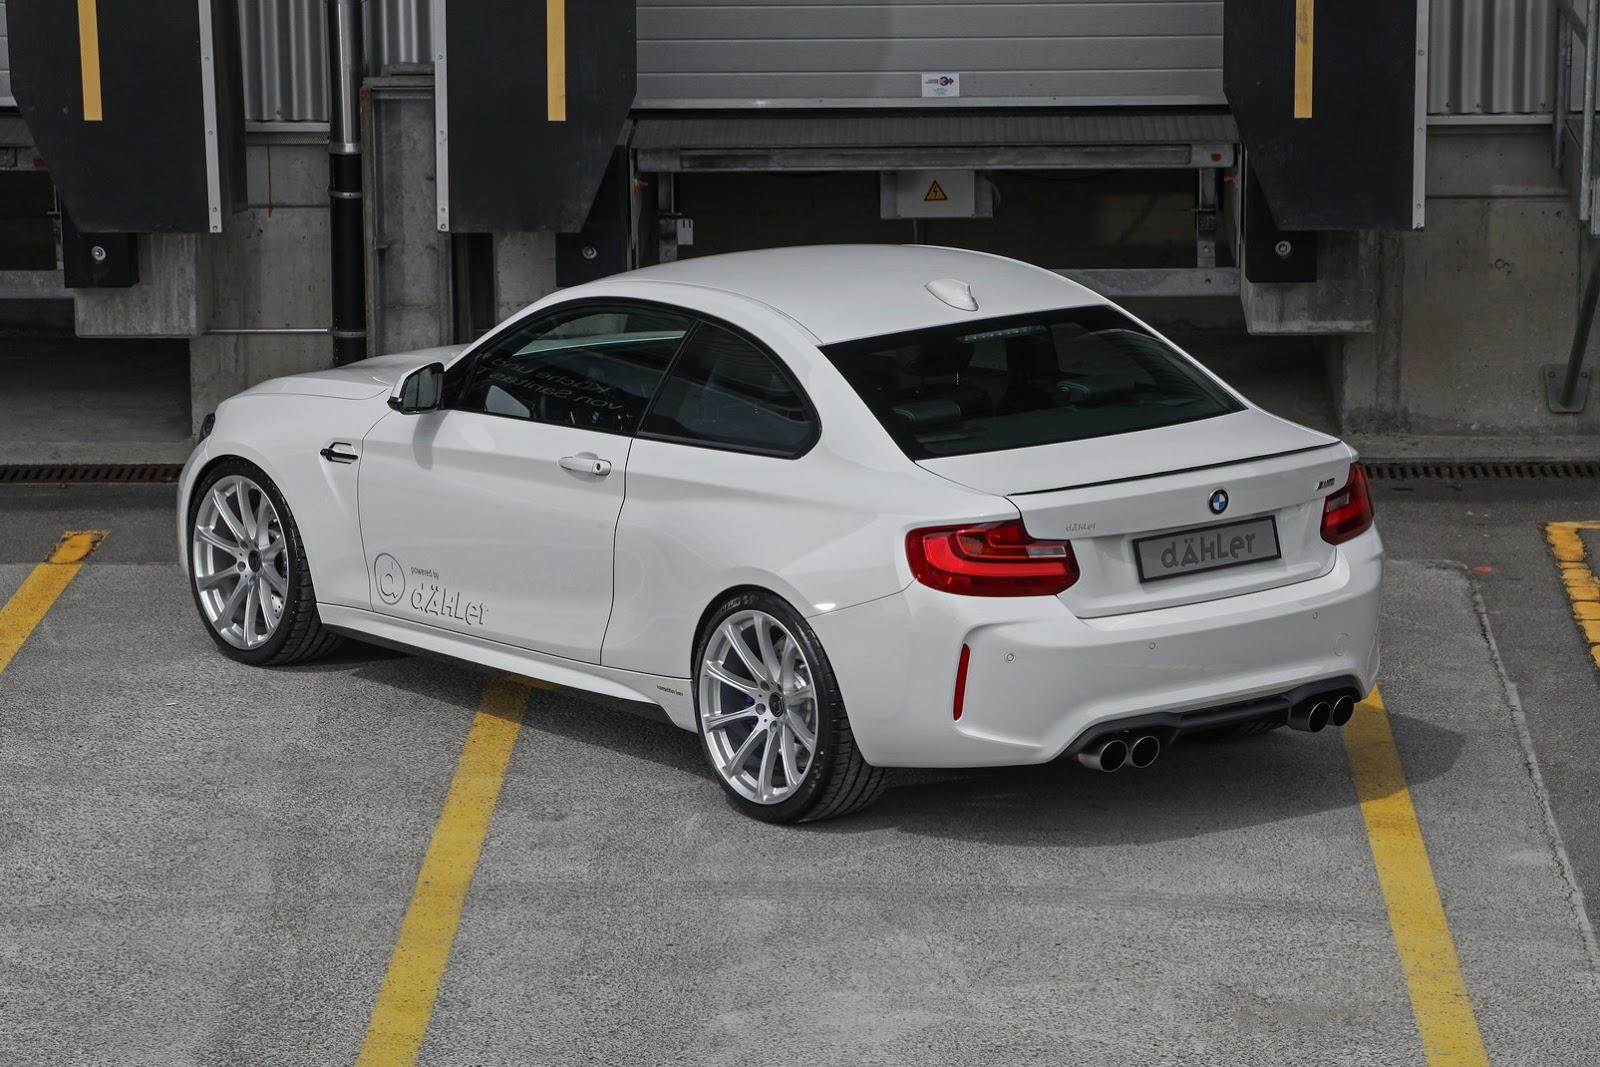 Dähler le mete el motor S55 del BMW M4 en el BMW M2 y lo potencia hasta los 540 CV 4